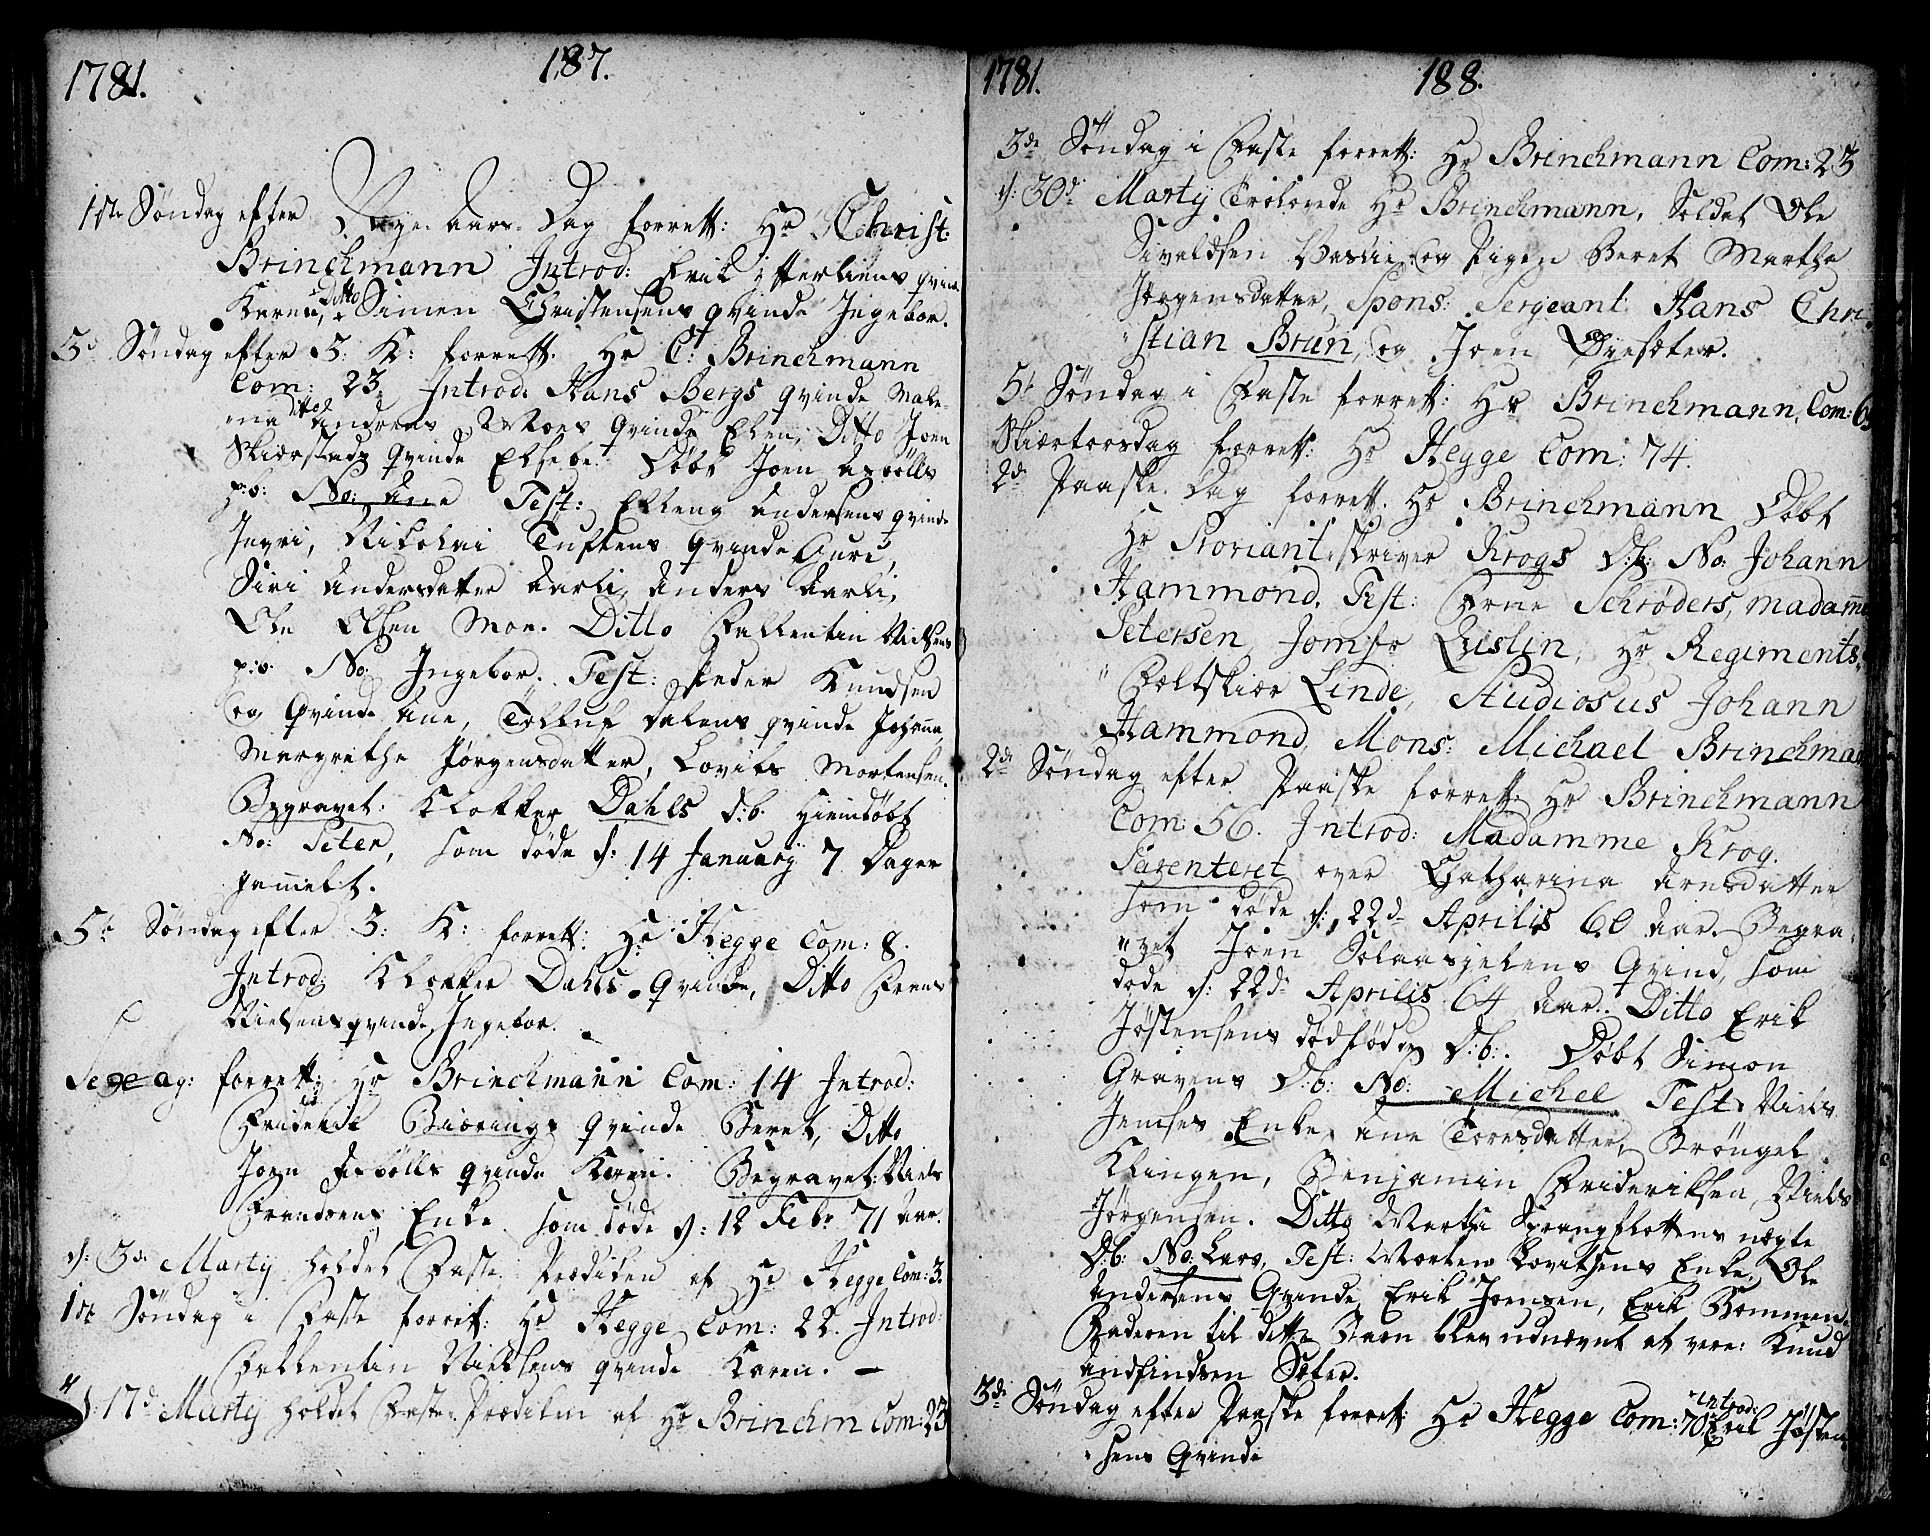 SAT, Ministerialprotokoller, klokkerbøker og fødselsregistre - Sør-Trøndelag, 671/L0840: Ministerialbok nr. 671A02, 1756-1794, s. 287-288